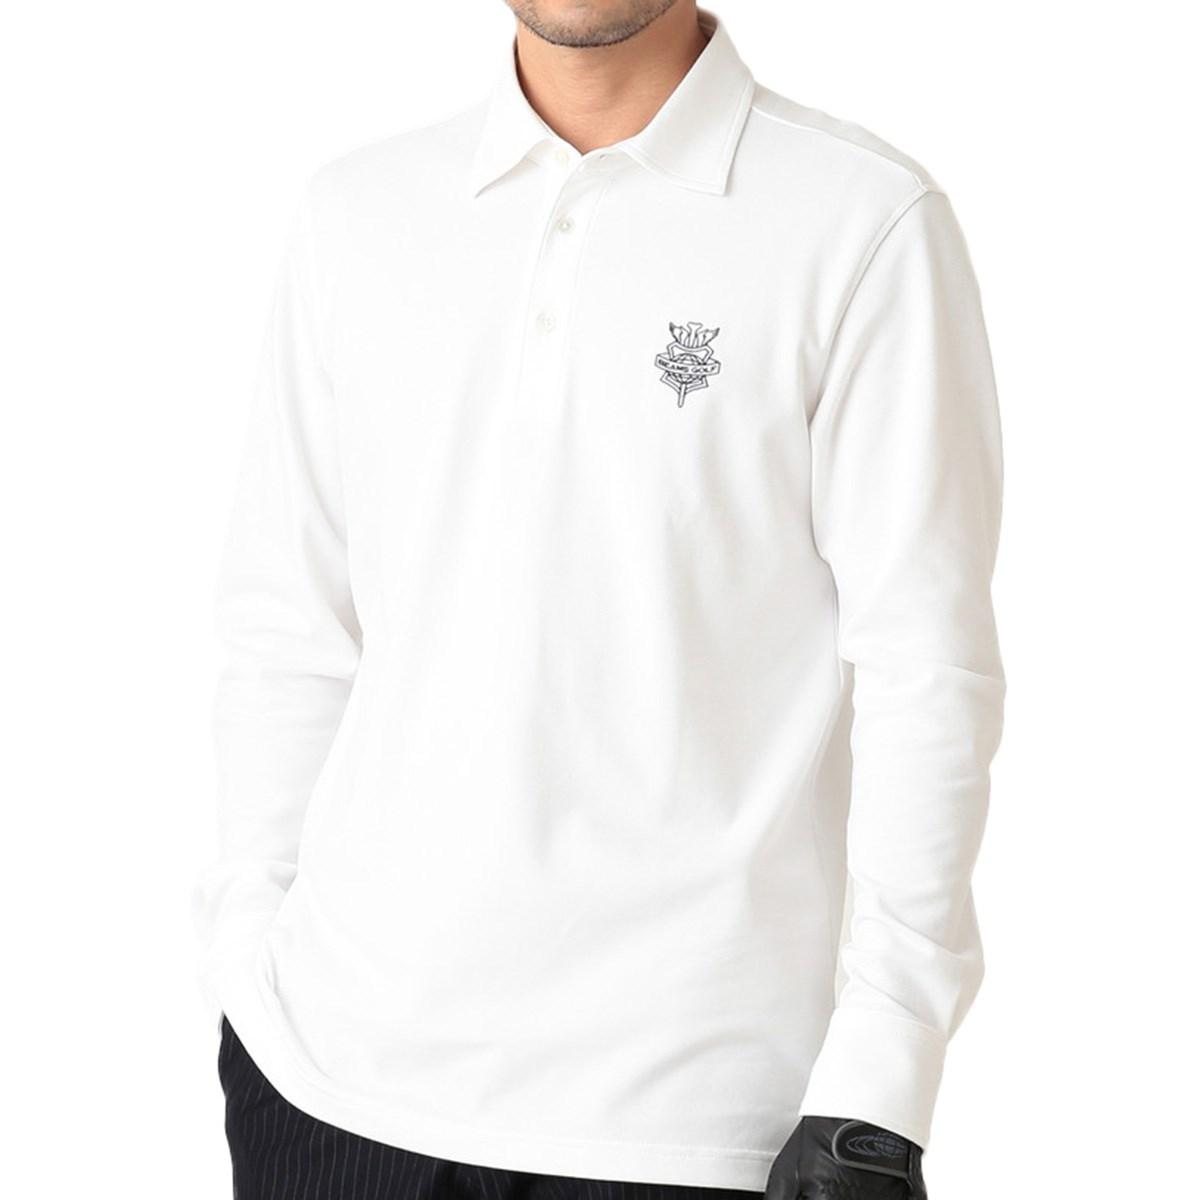 ビームスゴルフ BEAMS GOLF PURPLE LABEL 長袖鹿の子ポロシャツ